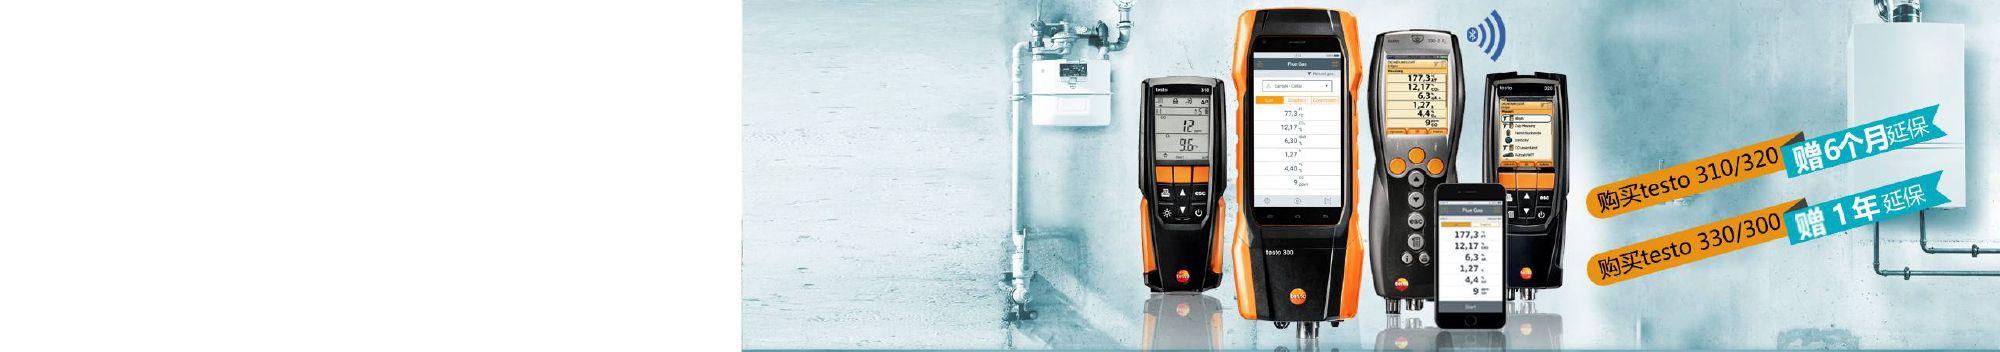 锅炉燃烧<b>效率分析</b> </br>锅炉<b>调试维护</b> </br><b>低氮</b>排放检测